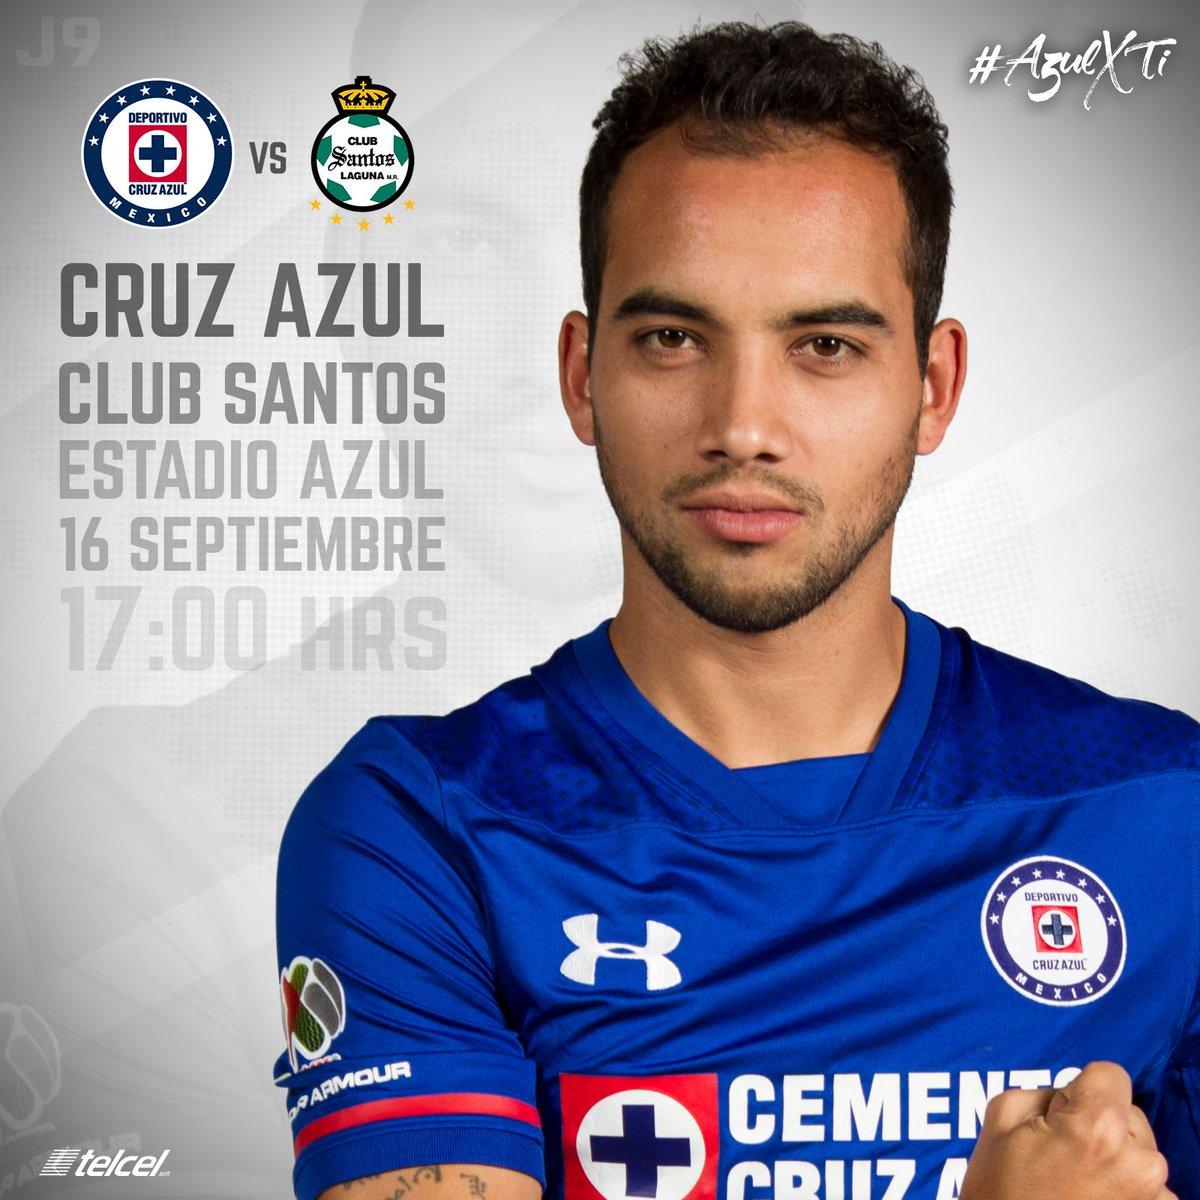 Cruz Azul recibe a Santos en la Jornada 9 del Apertura 2017